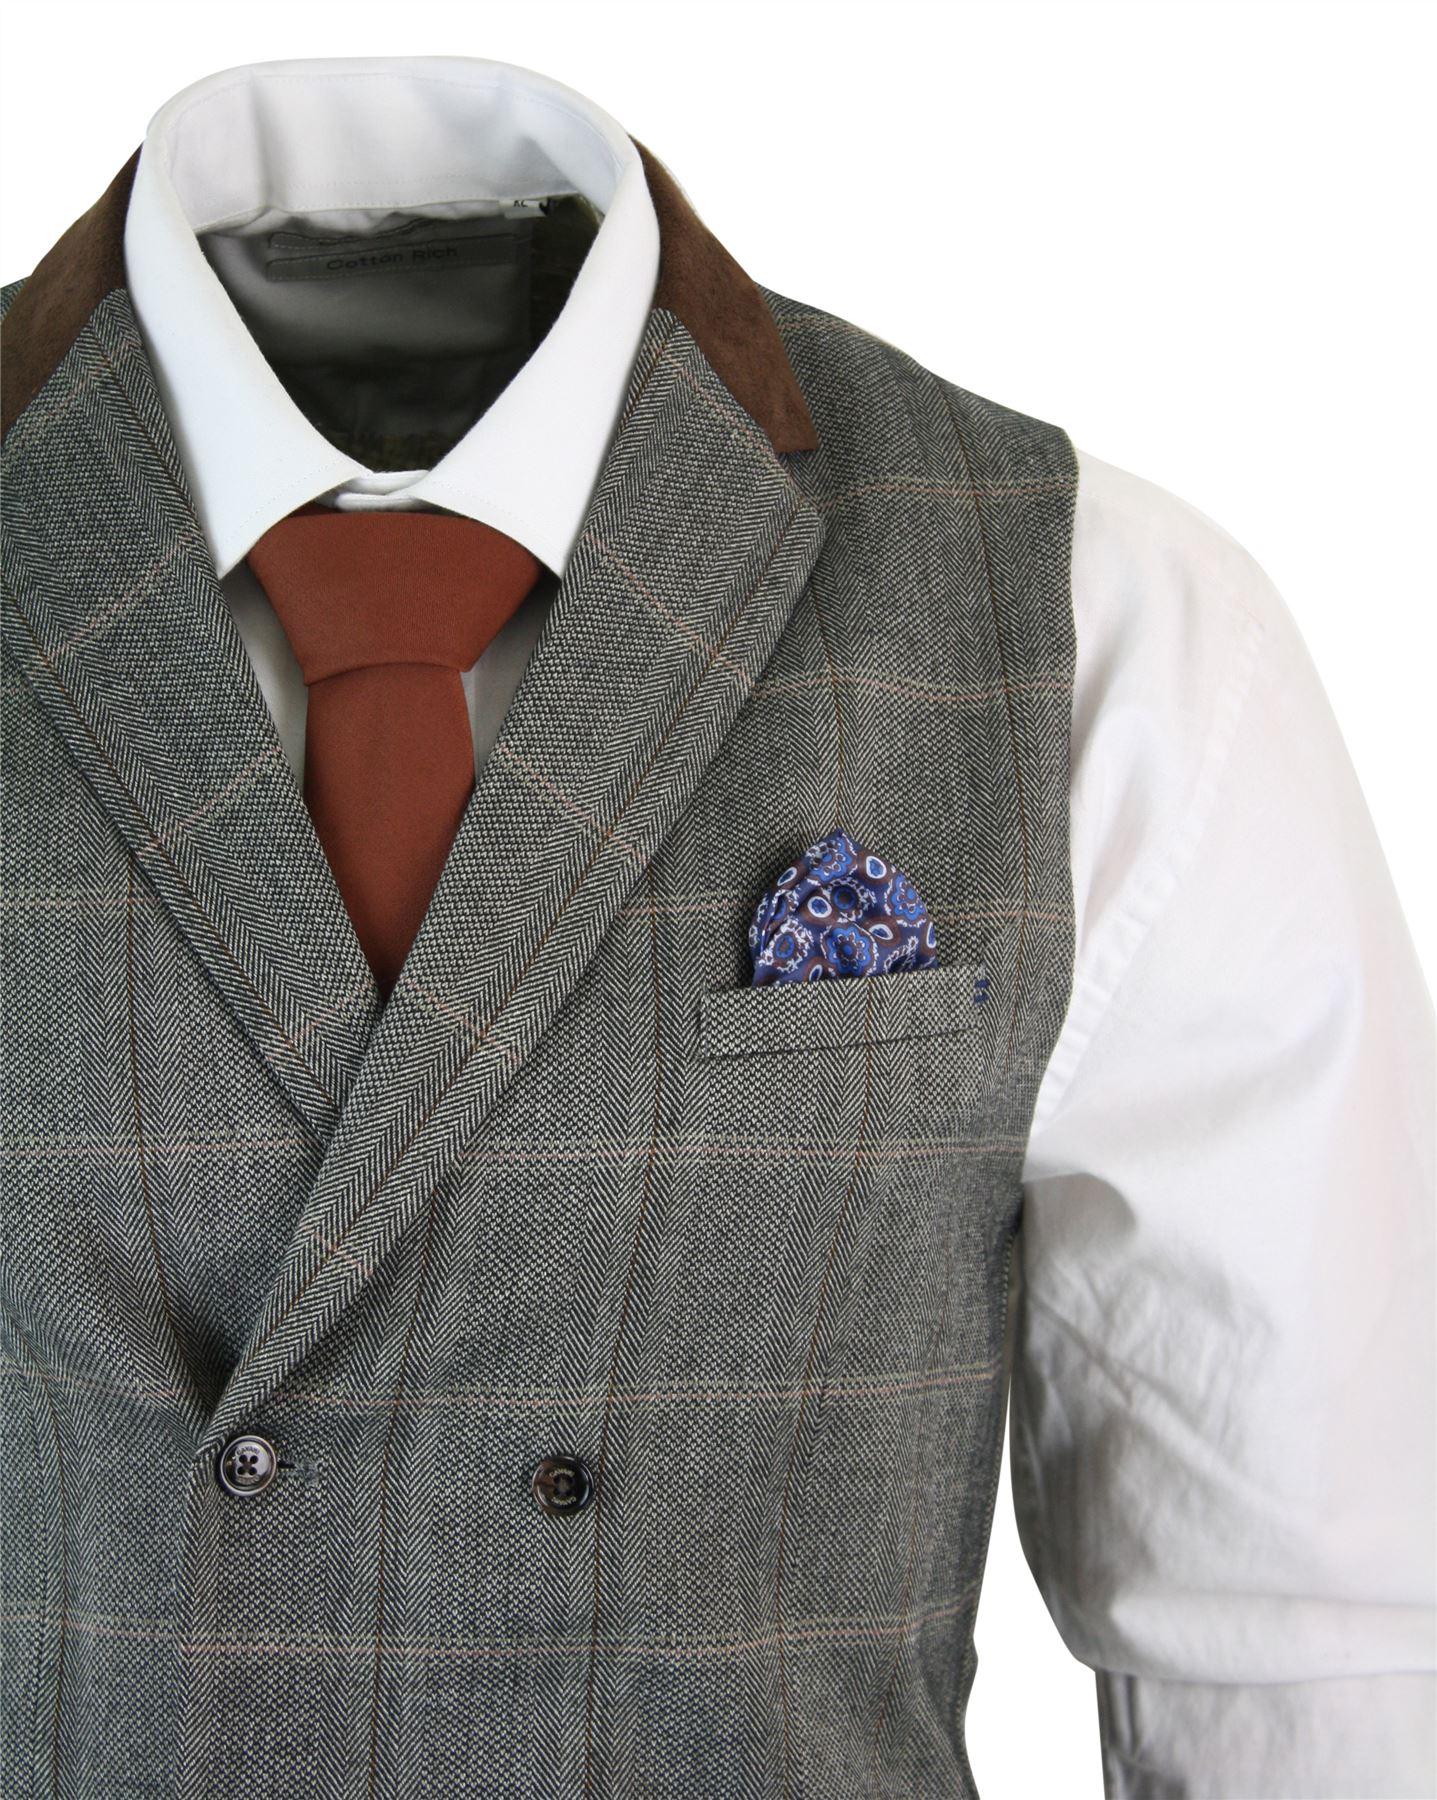 Mens Double Breasted Herringbone Tweed Peaky Blinders Vintage Check Waistcoat